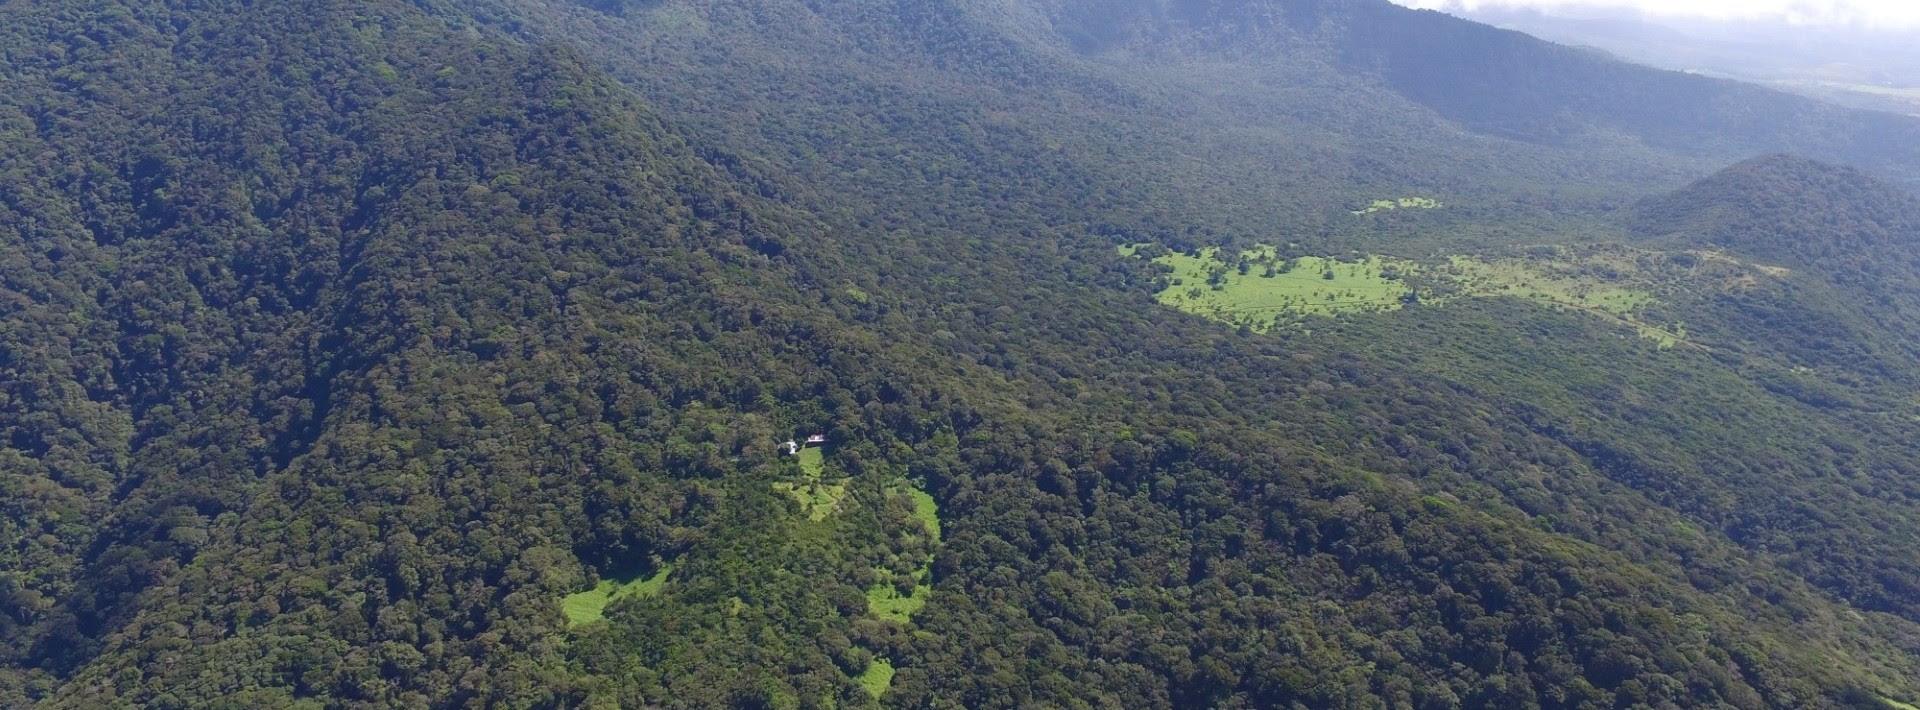 Resultado de imagen de Área de conservación Guanacaste